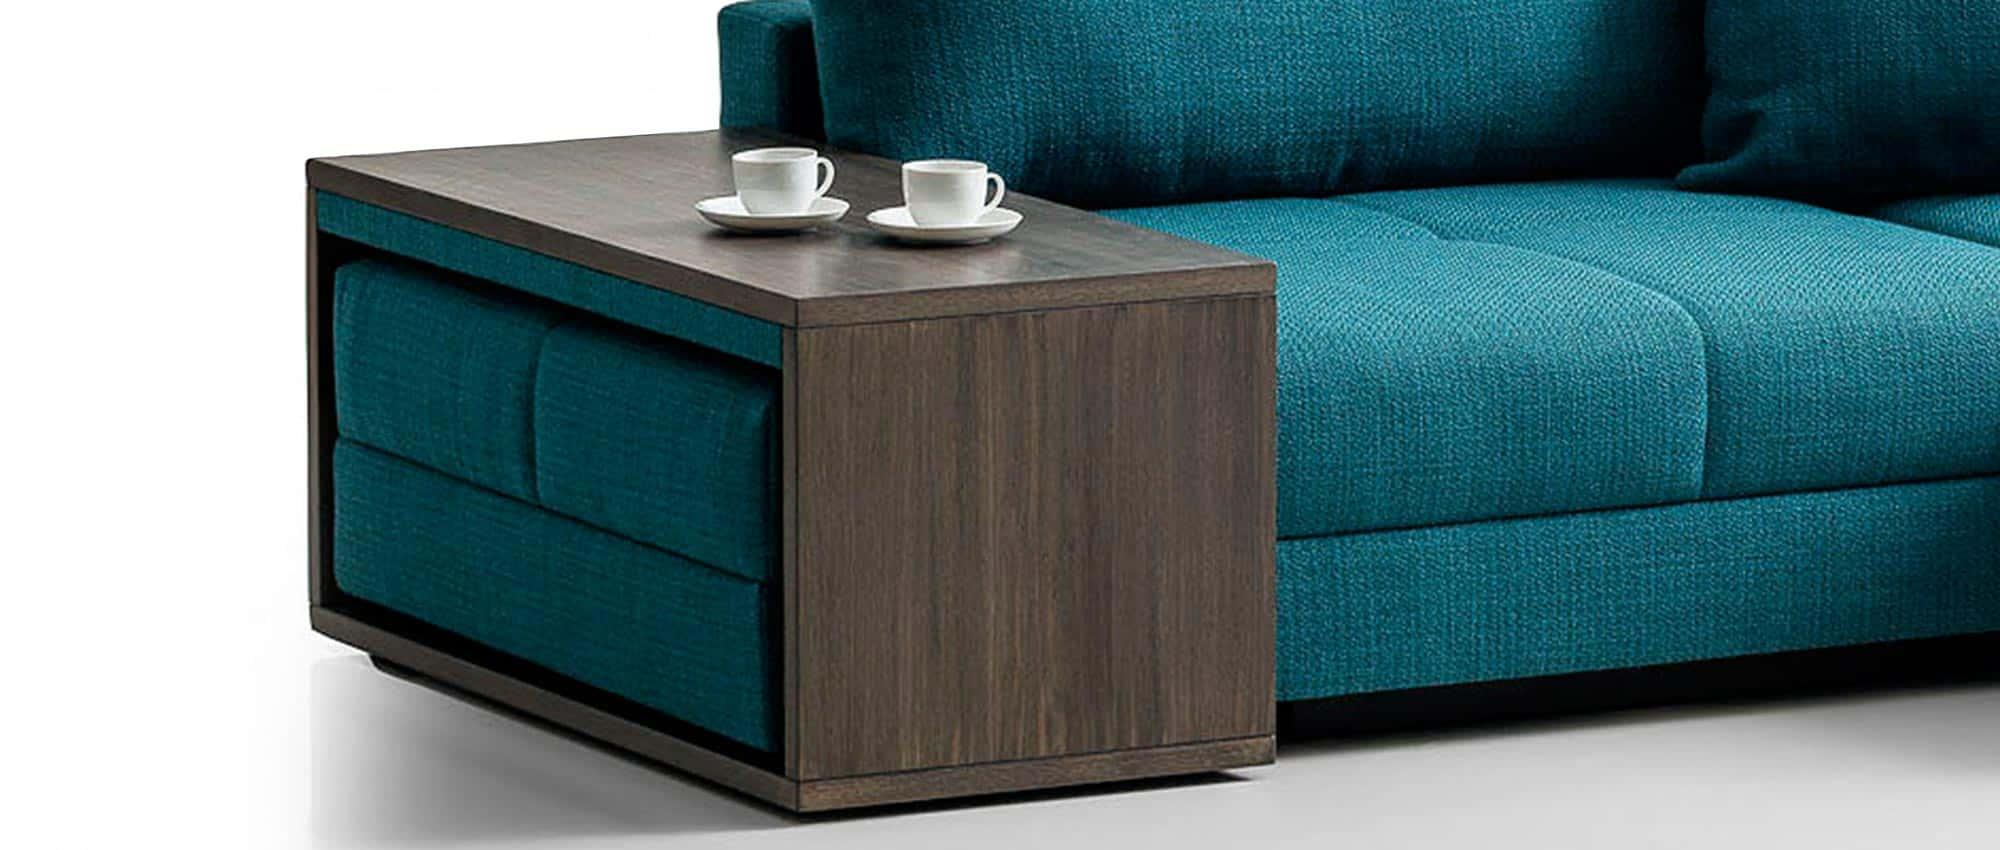 Optional ist der Holztisch zum COCCO Eckschlafsofa wählbar. Verschiedene Holztöne. Beisteilltisch, Couchtisch. Eckschlafsofa mit beistelltisch. Franz Fertig bietet eine große Stoffauswahl an.